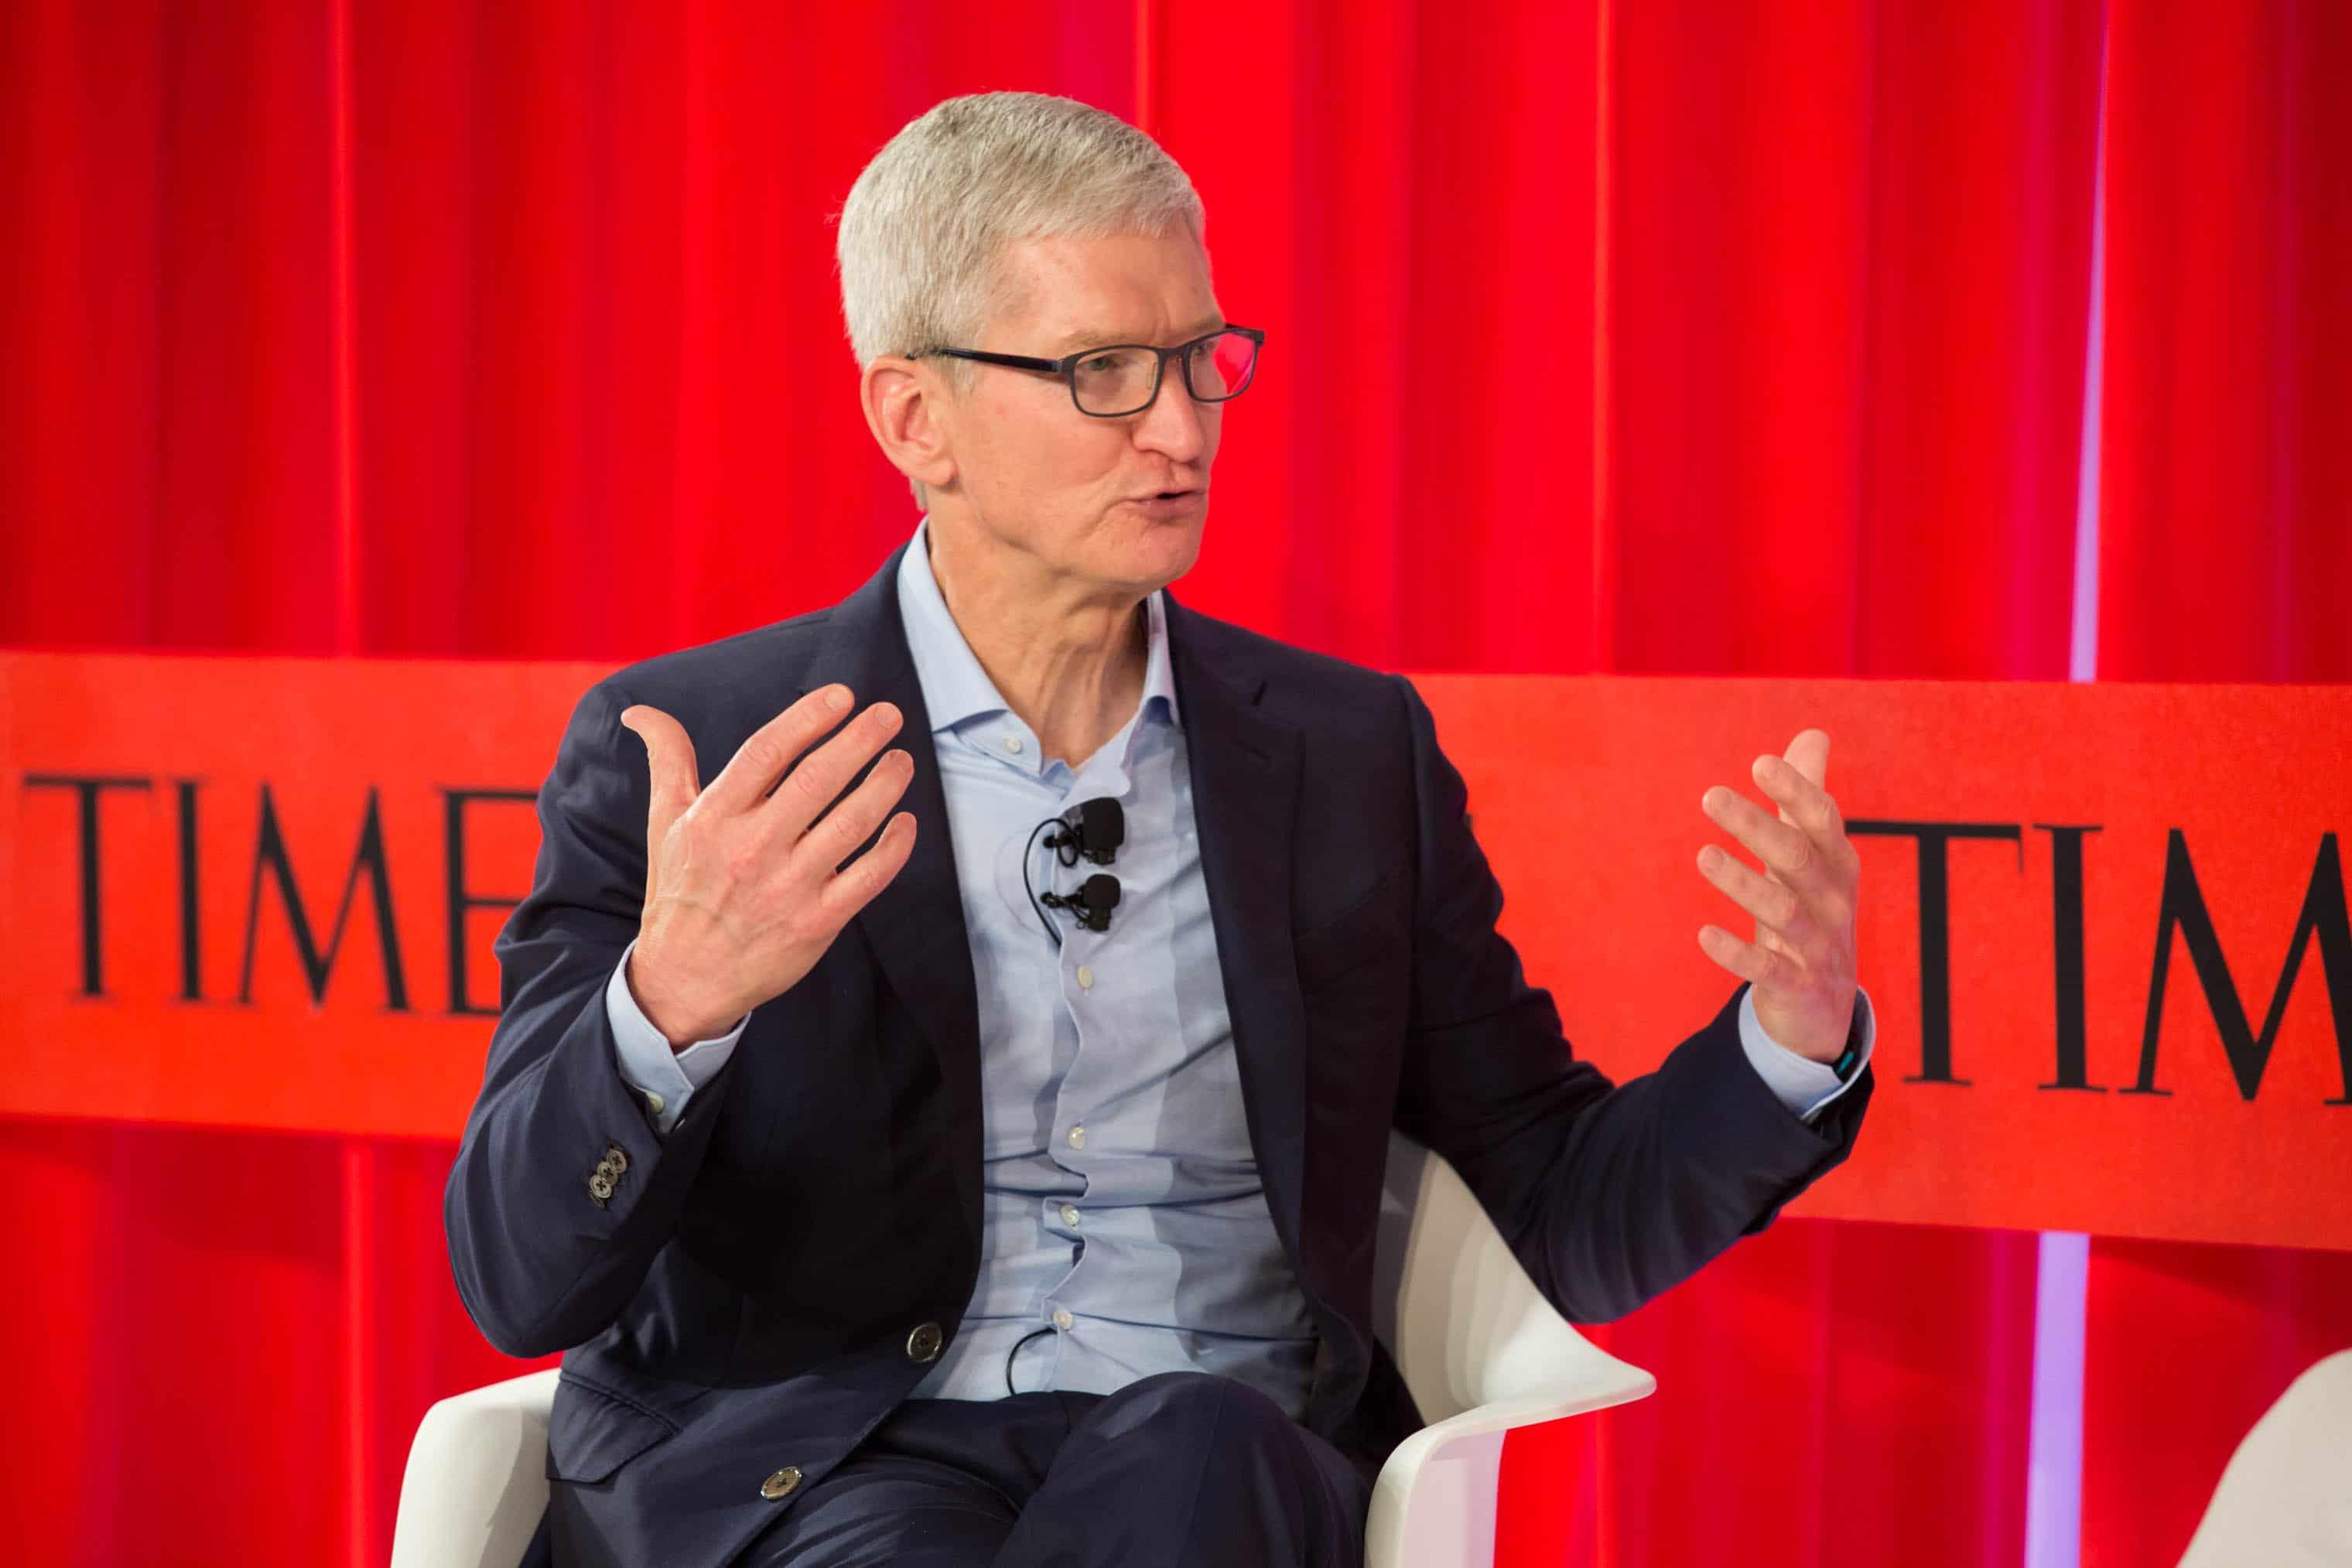 Tim Cook na TIME 100 Summit